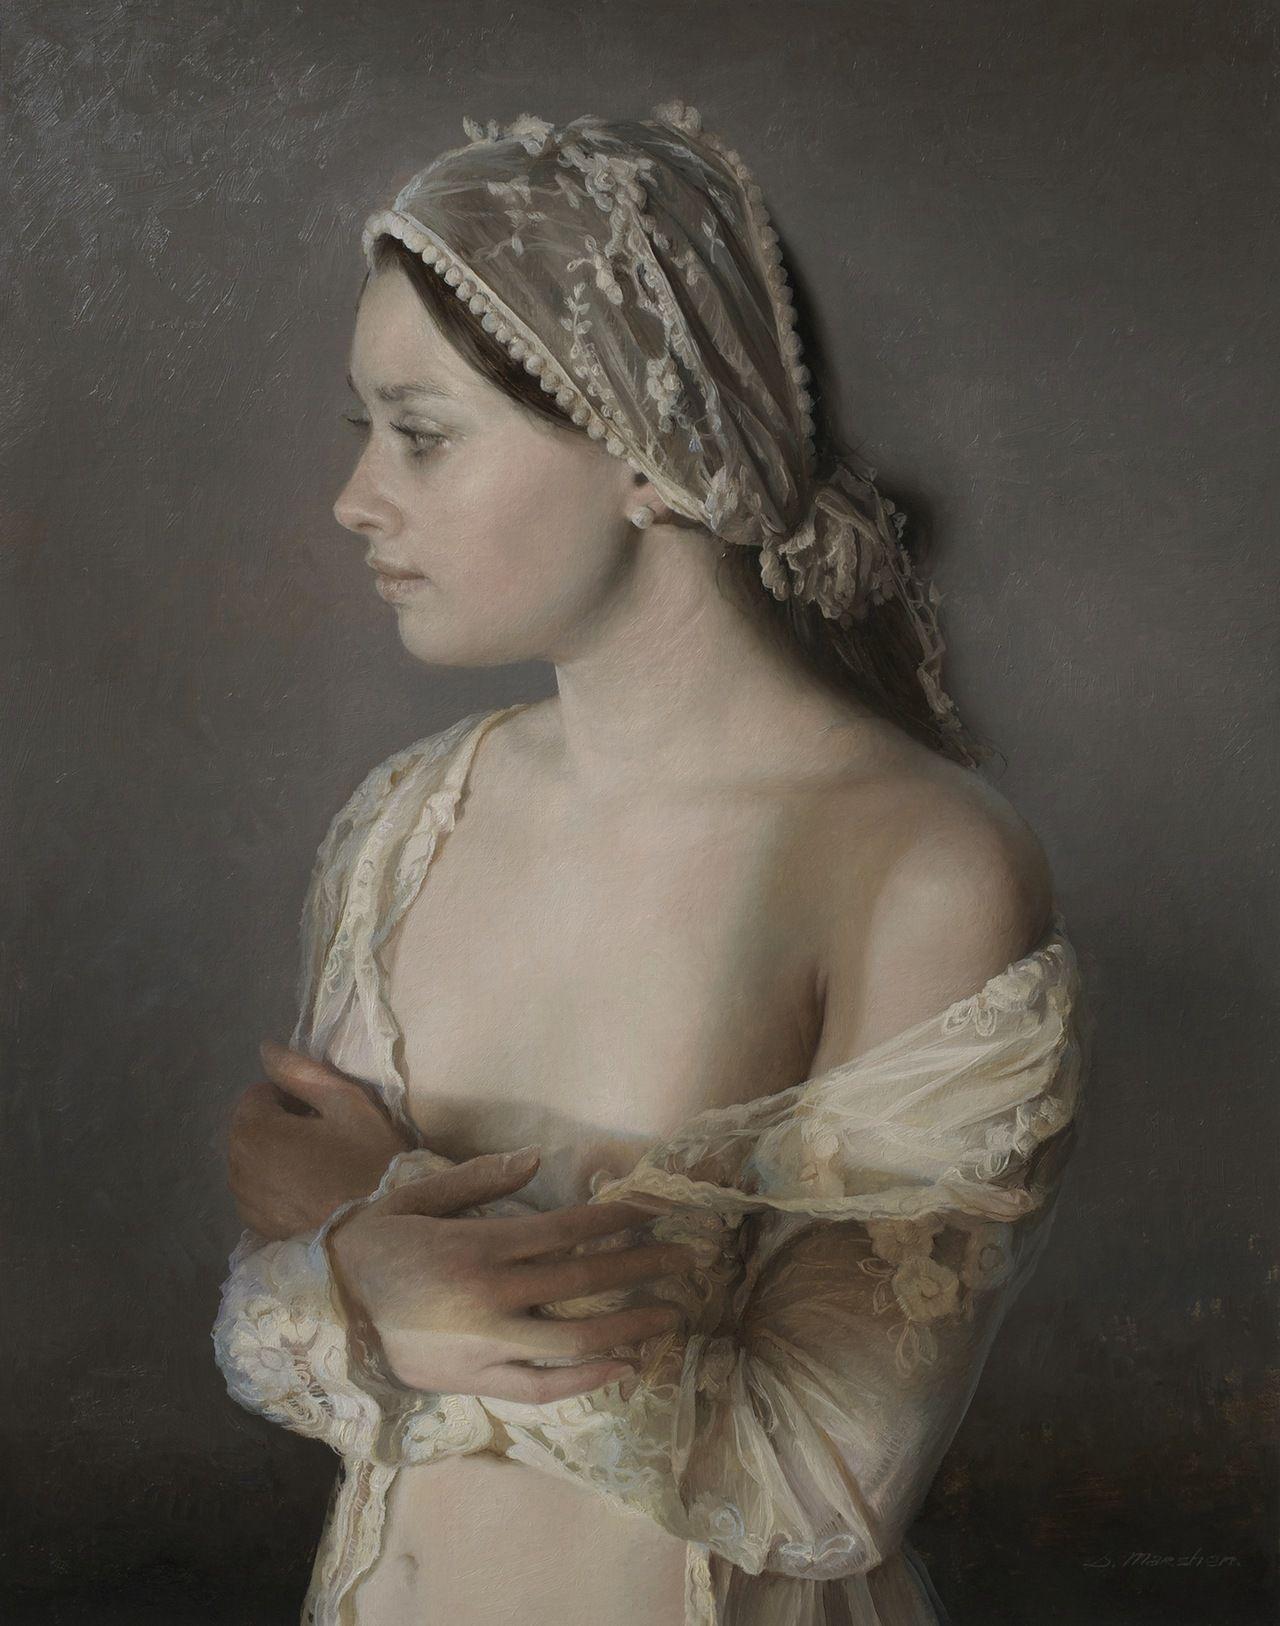 Русское искусство ню фото, голая жена на людях ню